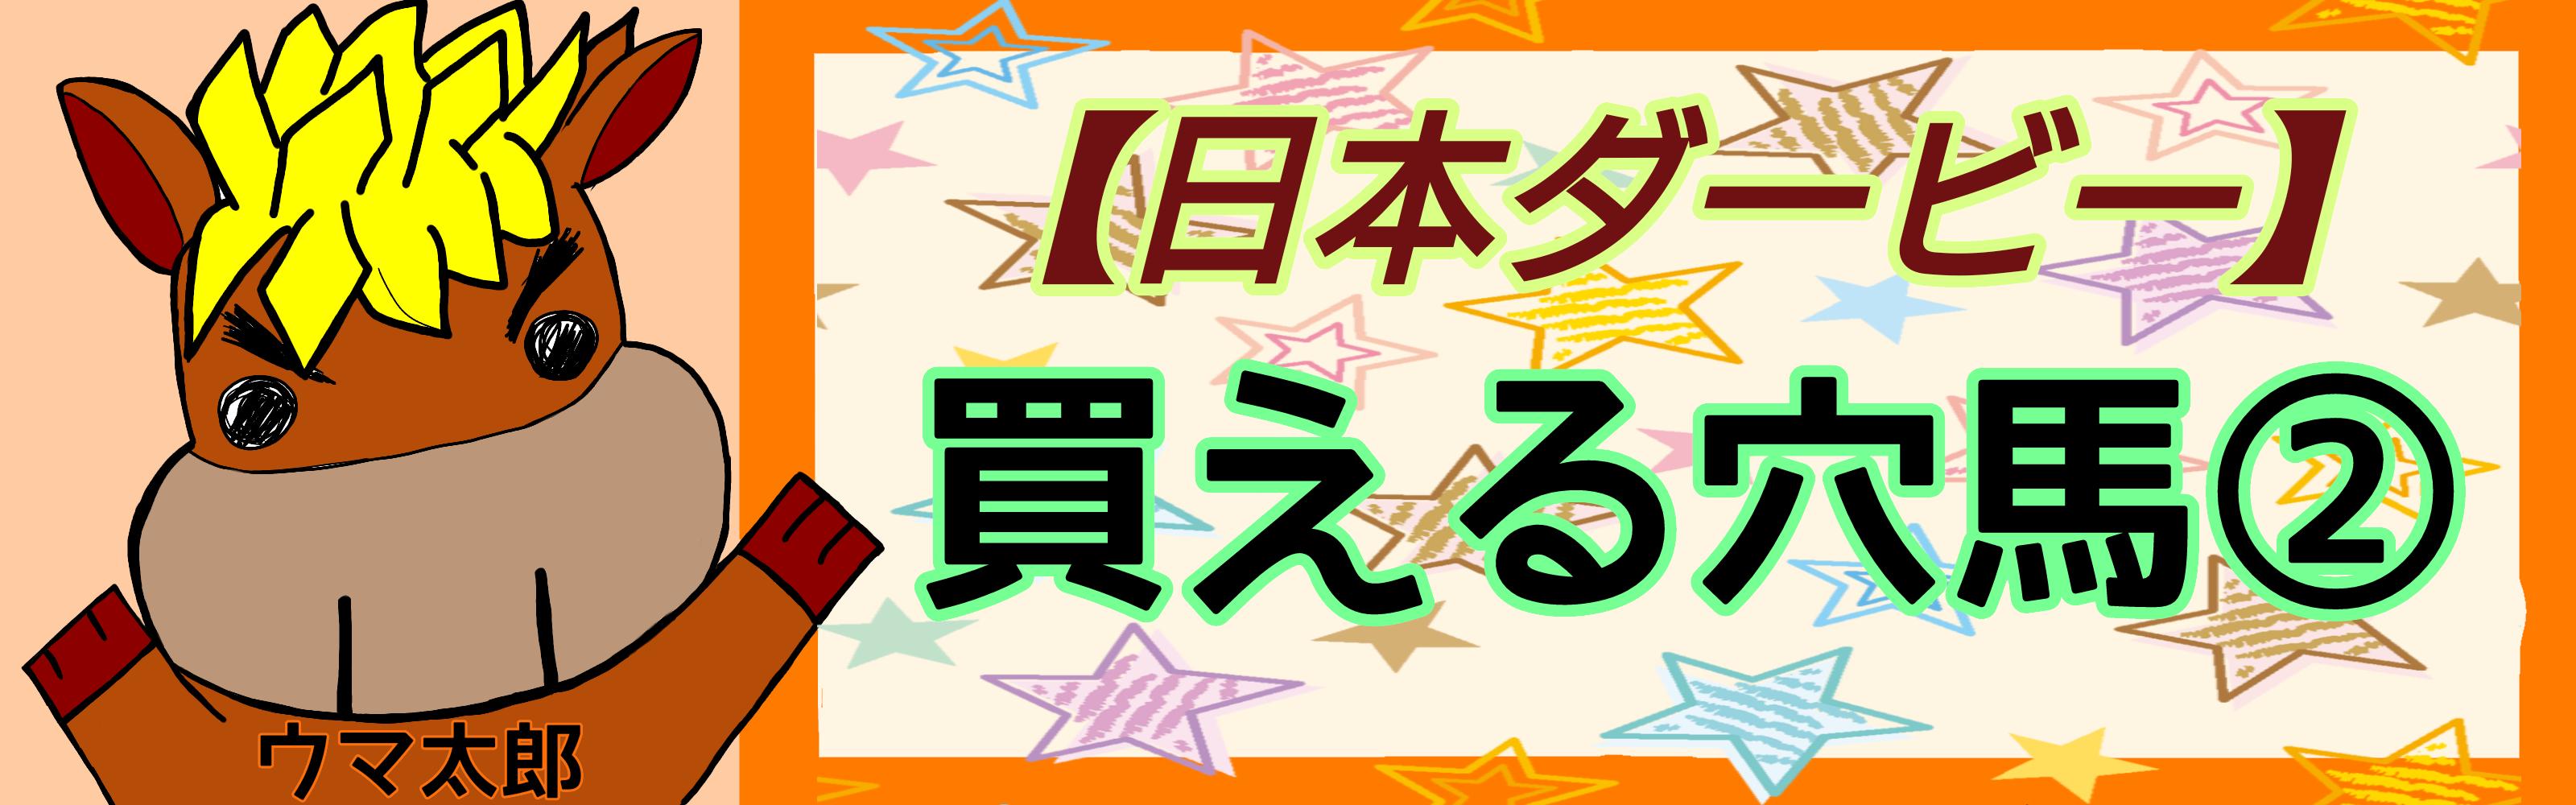 日本ダービー 買える穴馬(その弐)